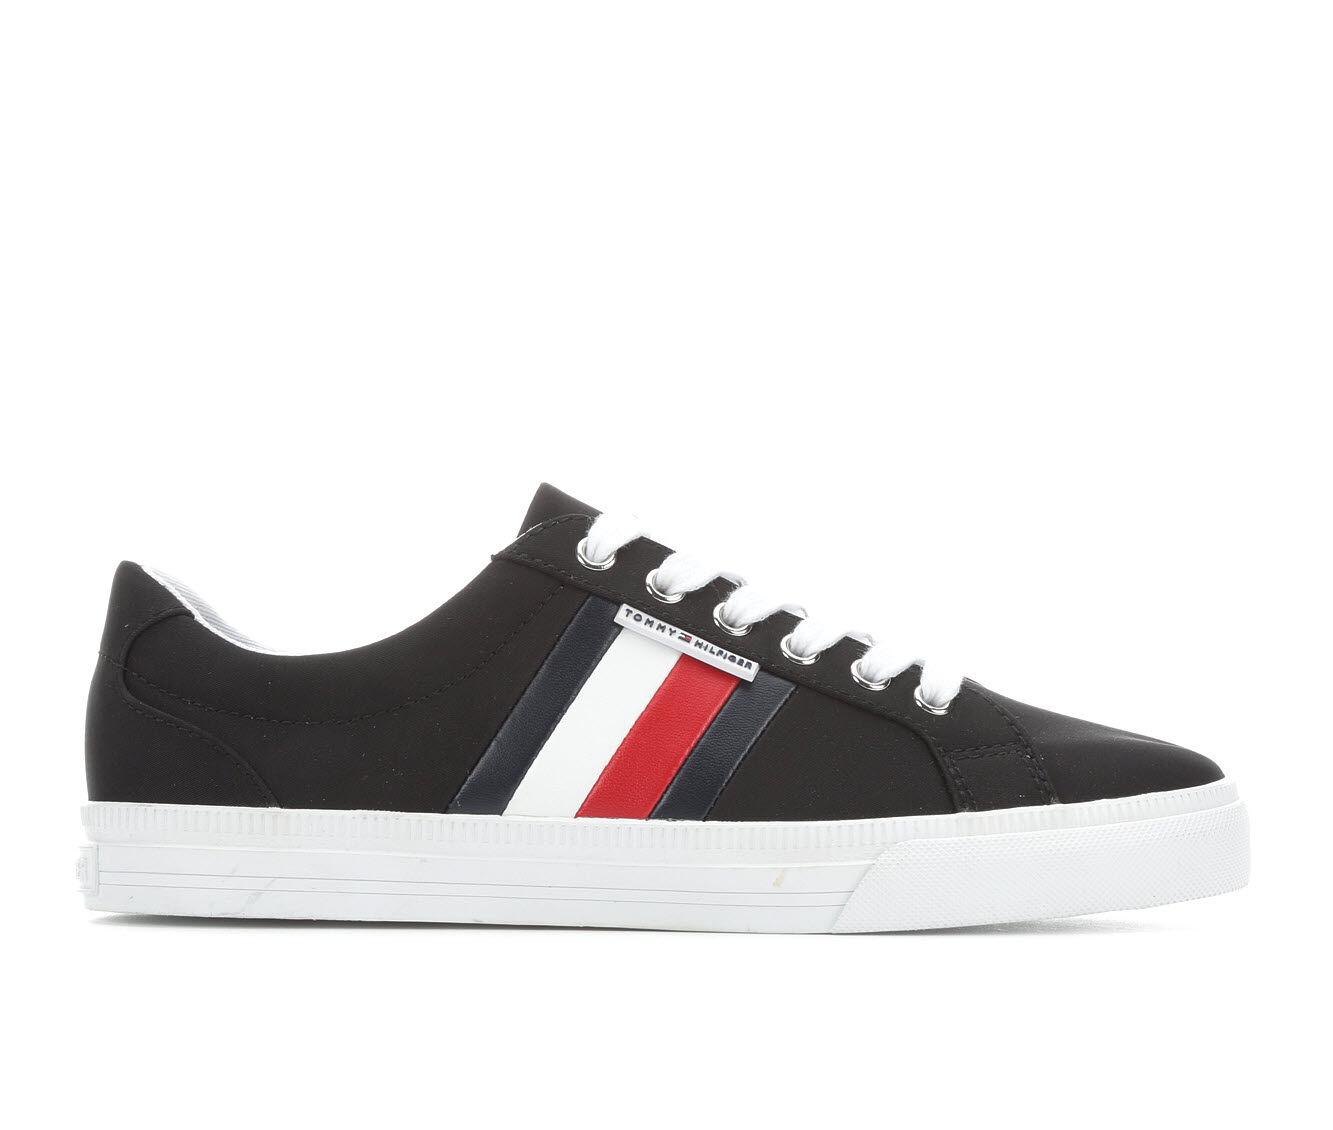 Women's Tommy Hilfiger Lightz4 Sneakers Black/Multi